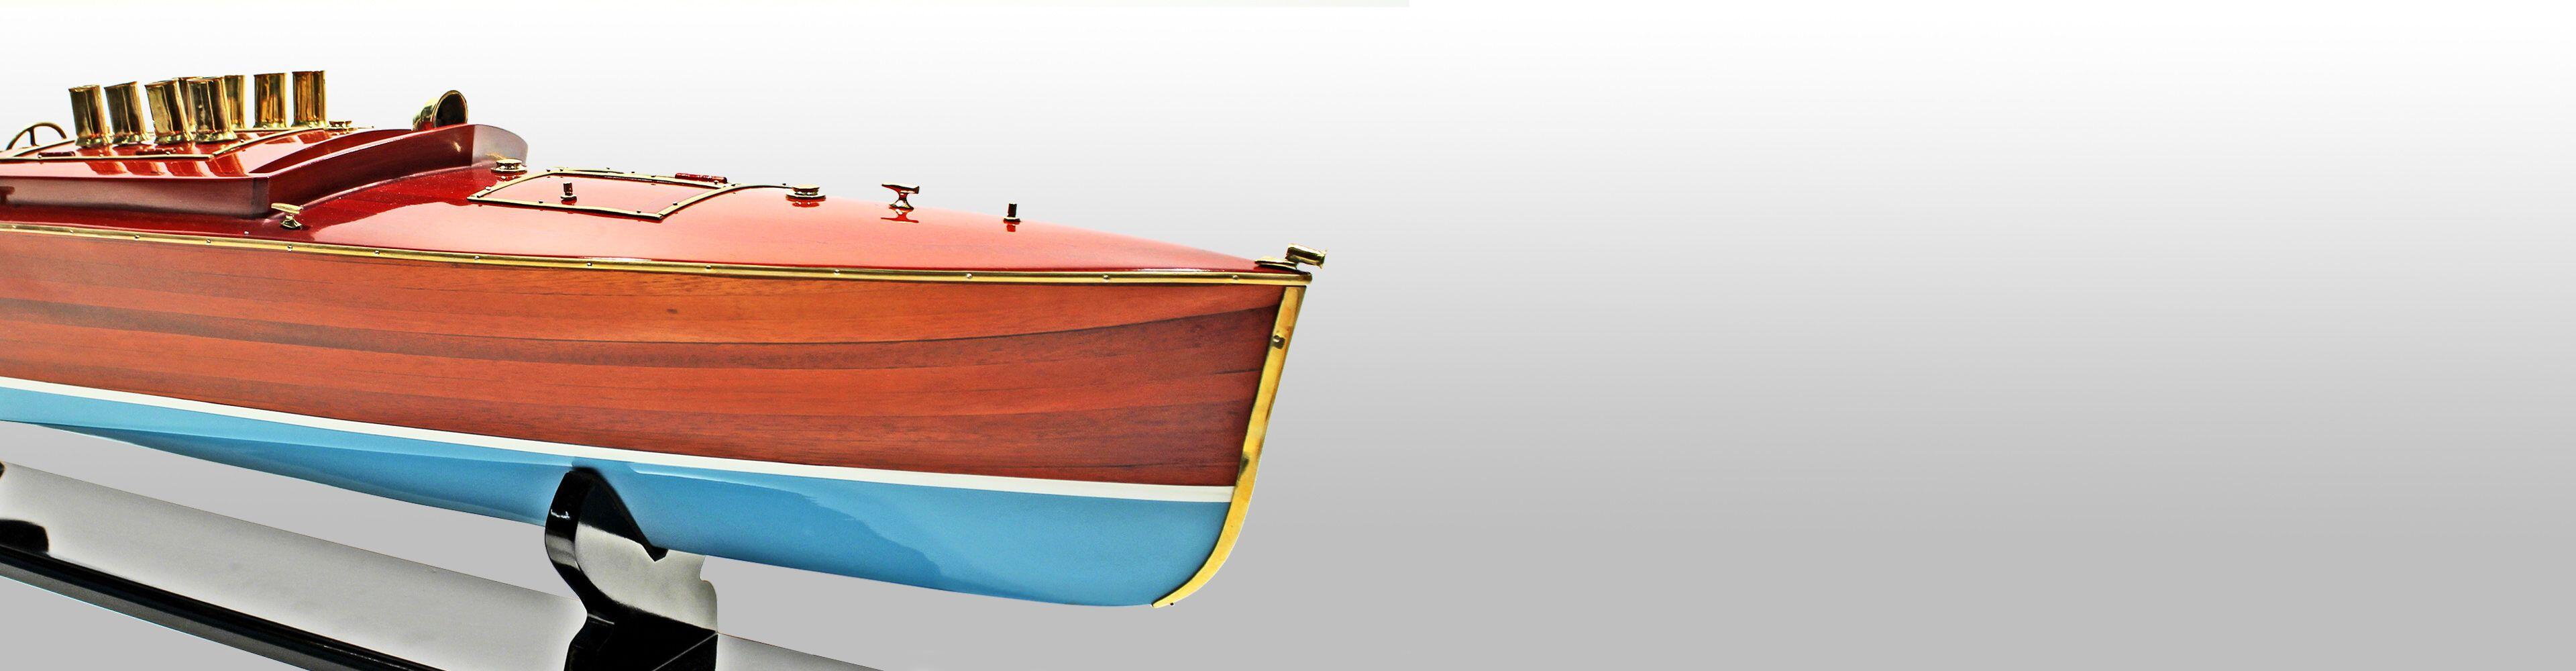 Riva, Chris Craft und weitere Schiffsmodelle, by Nain Trading